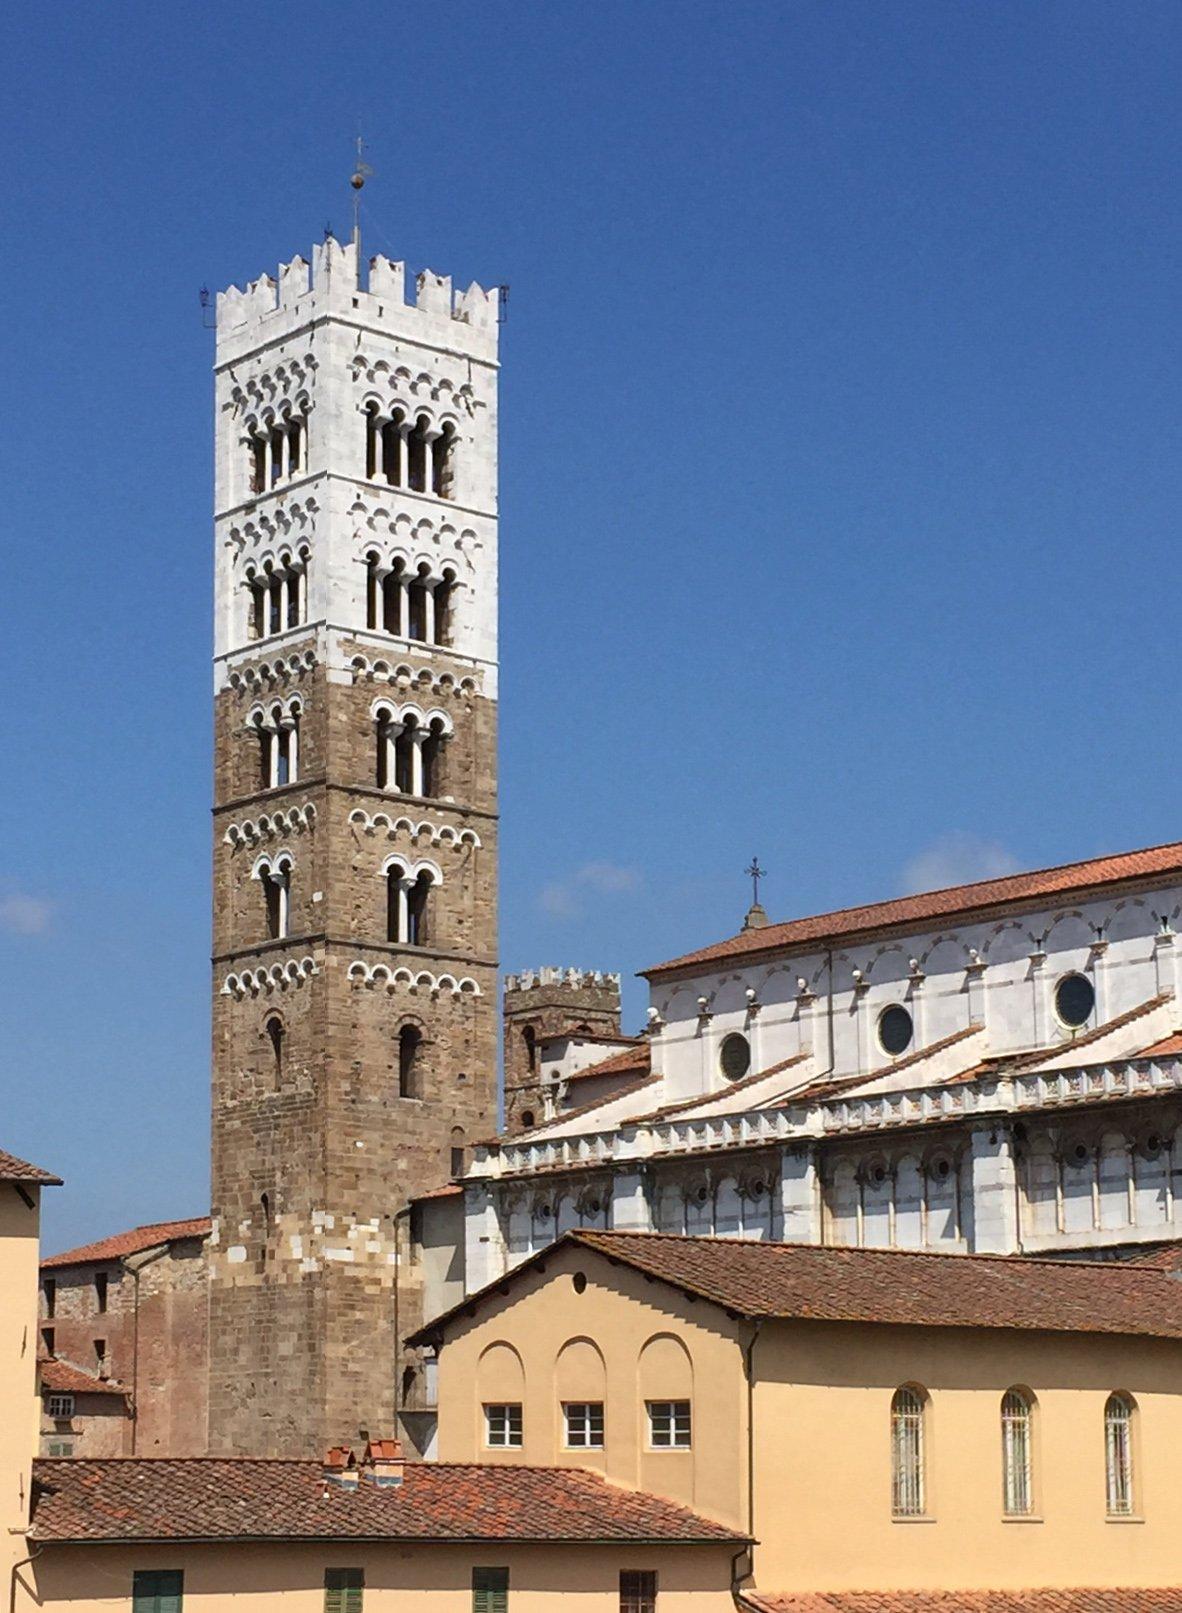 campanile-modificata